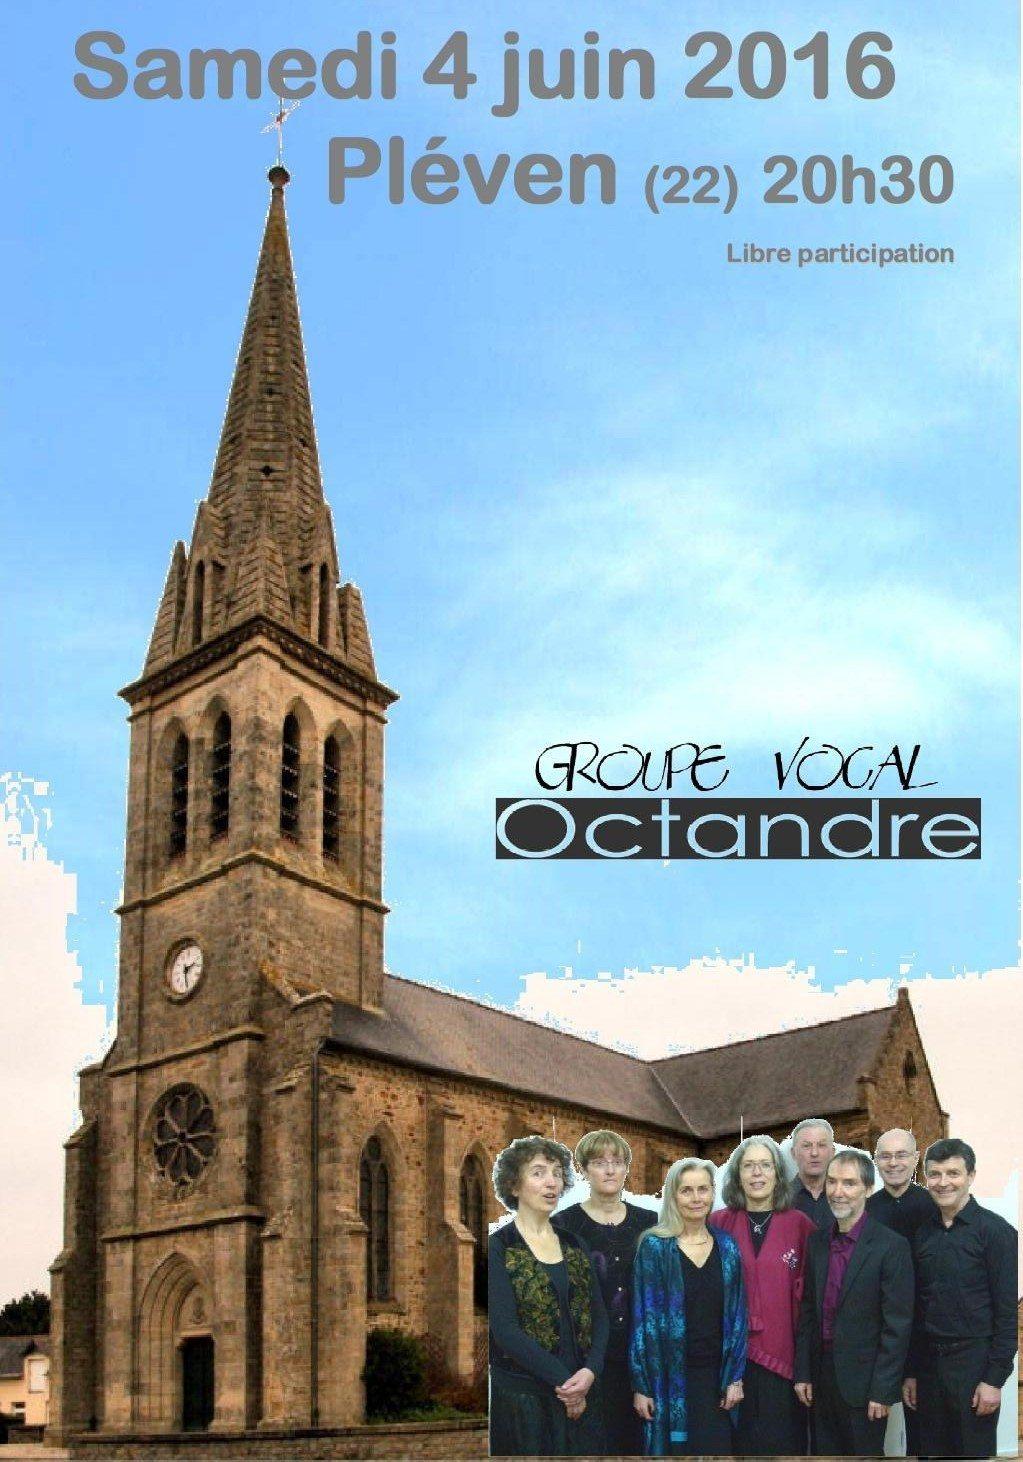 Groupe vocal Octandre Pléven